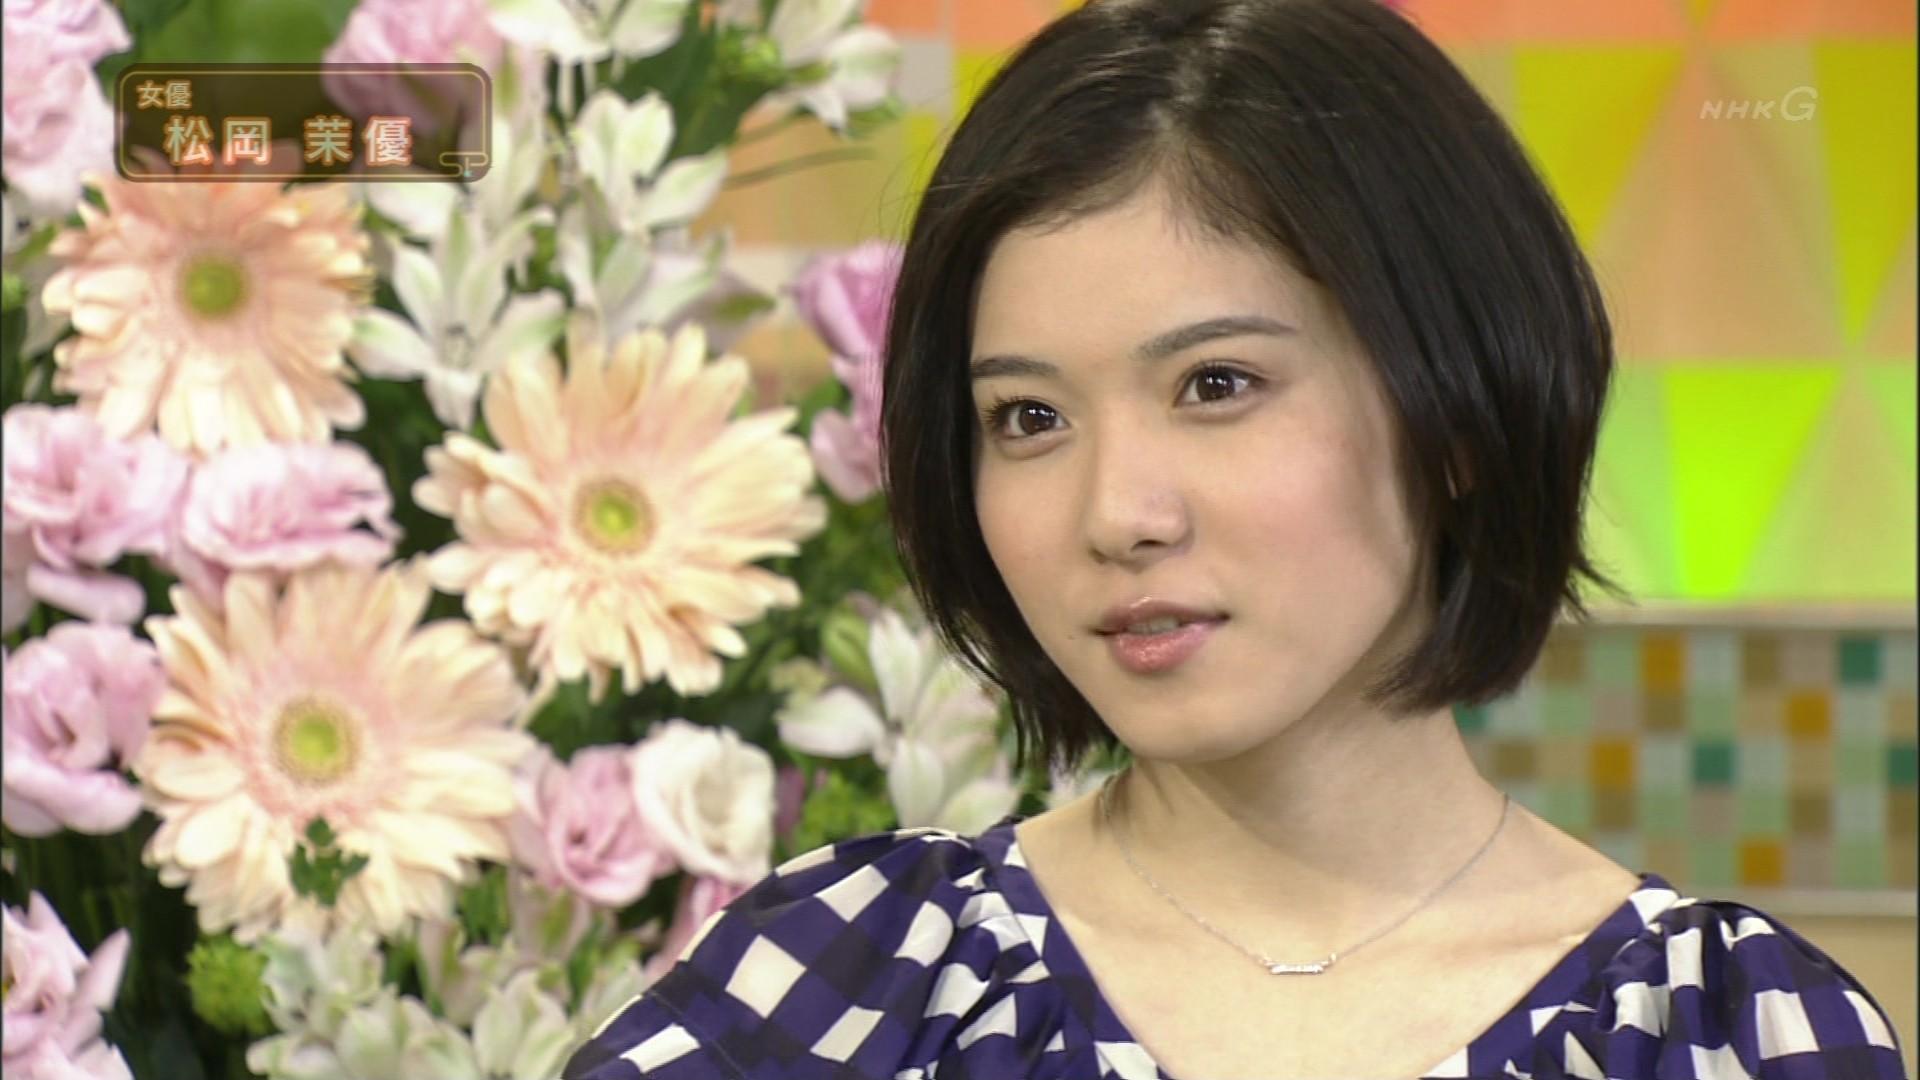 【おはよう東海】気象予報士 石榑亜紀子1【名古屋】YouTube動画>1本 ->画像>3718枚